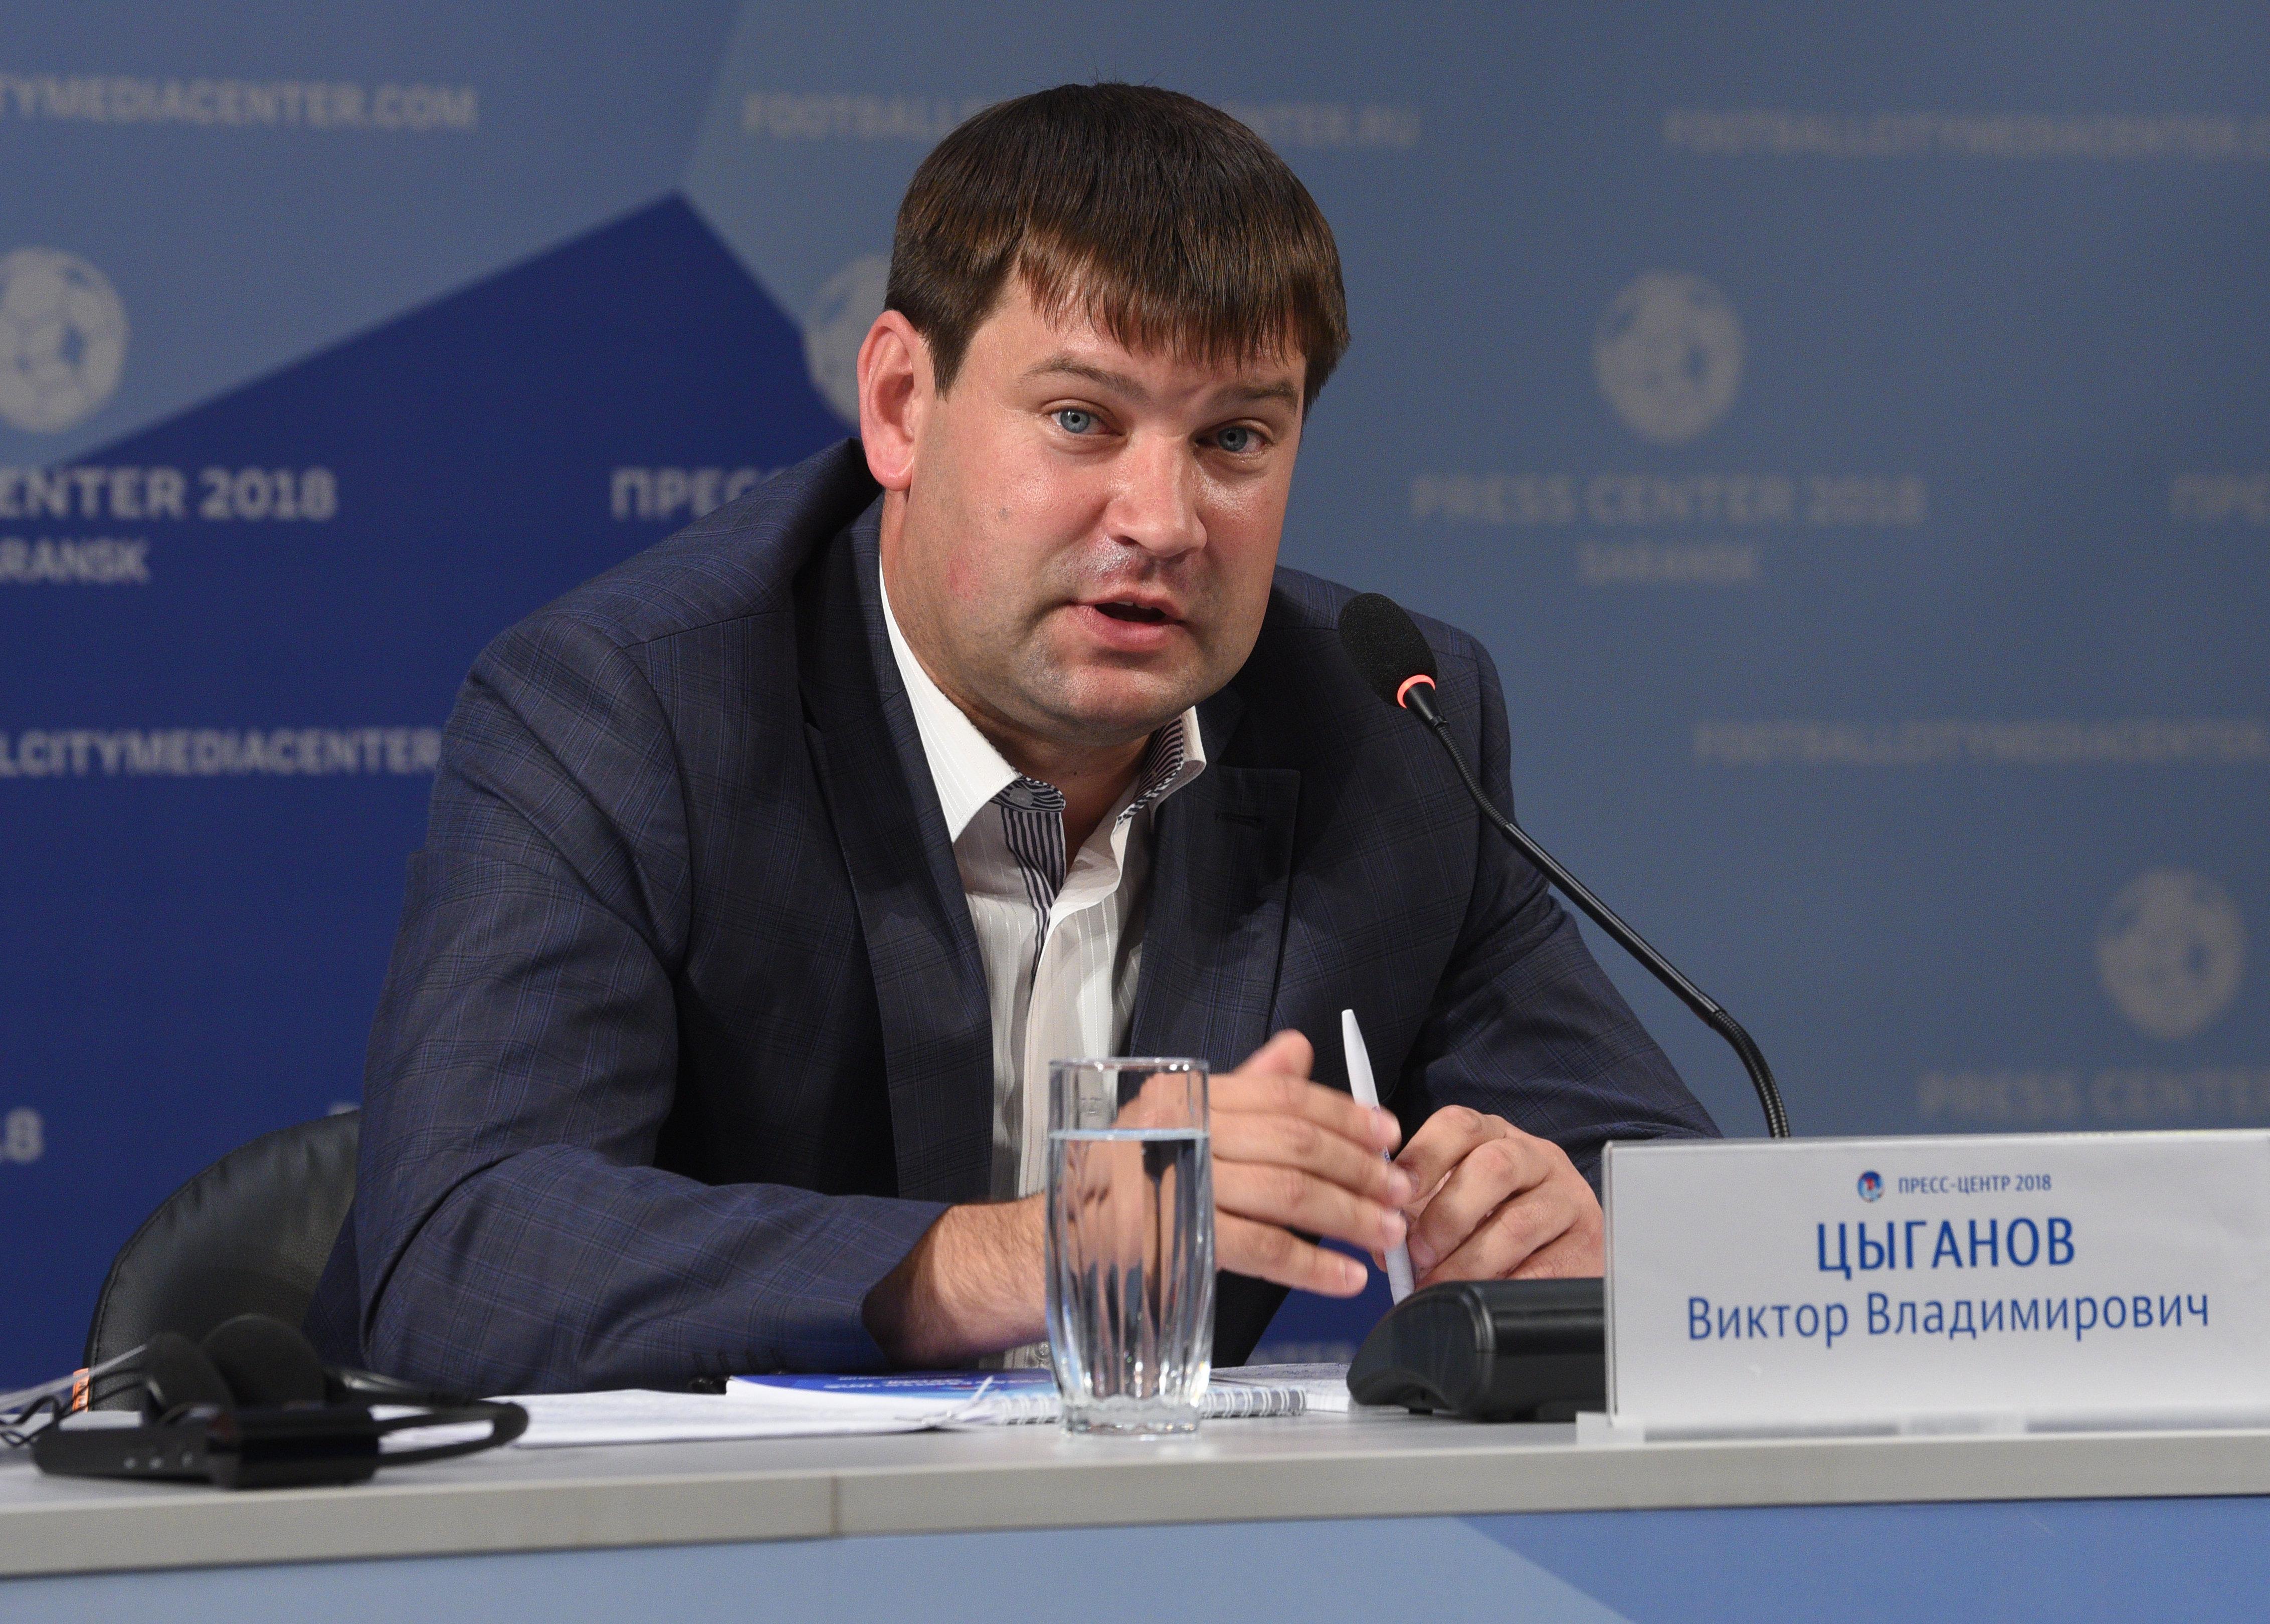 Нечего скрывать  13 богатейших   министров Мордовии    ciganov